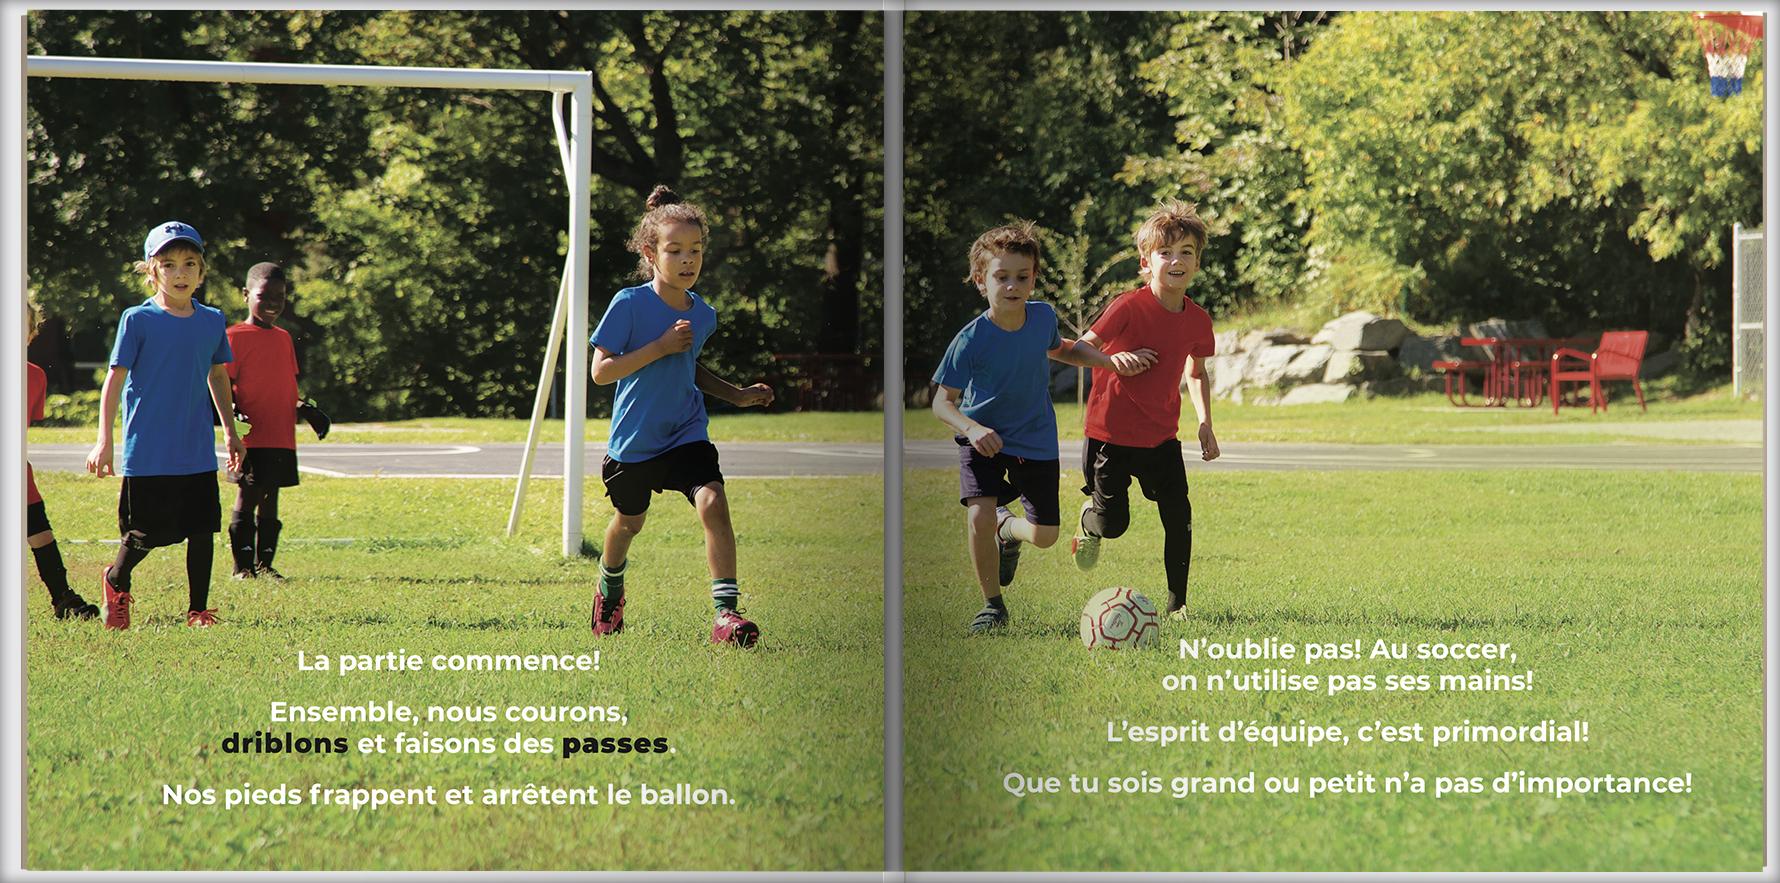 Page intérieure du livre Ma première partie de soccer